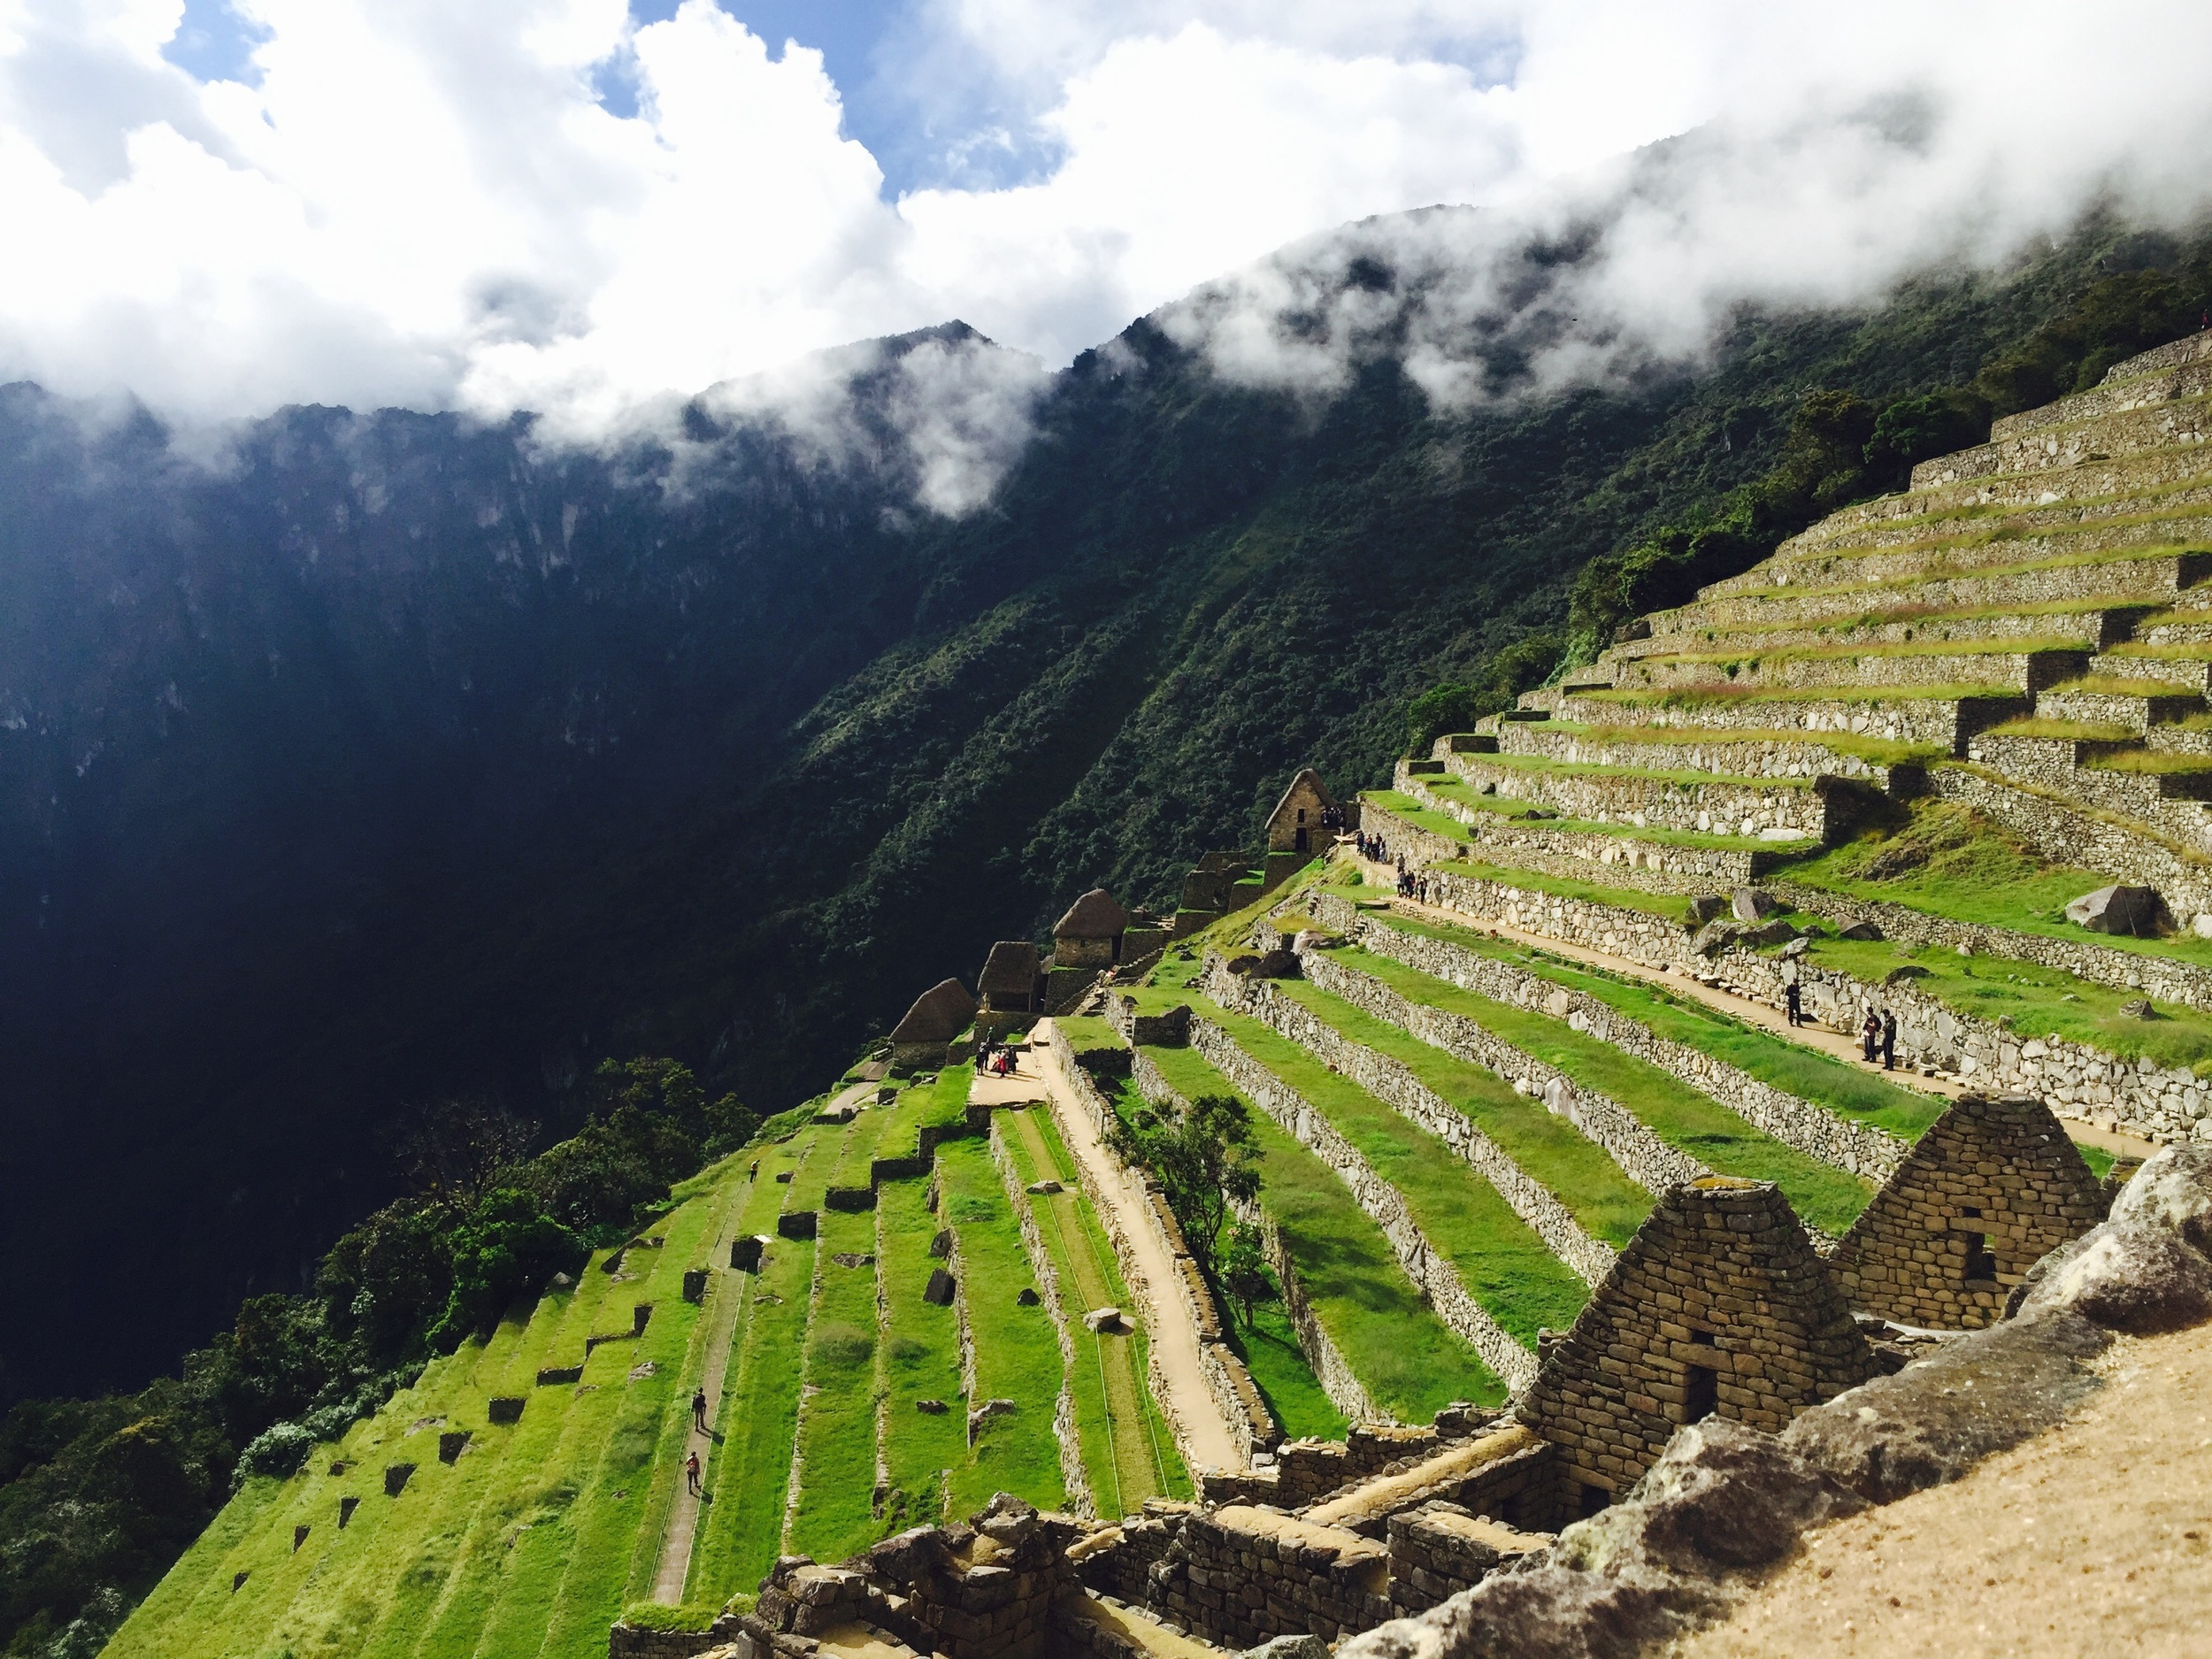 Peru_Machu Picchu 5.jpg